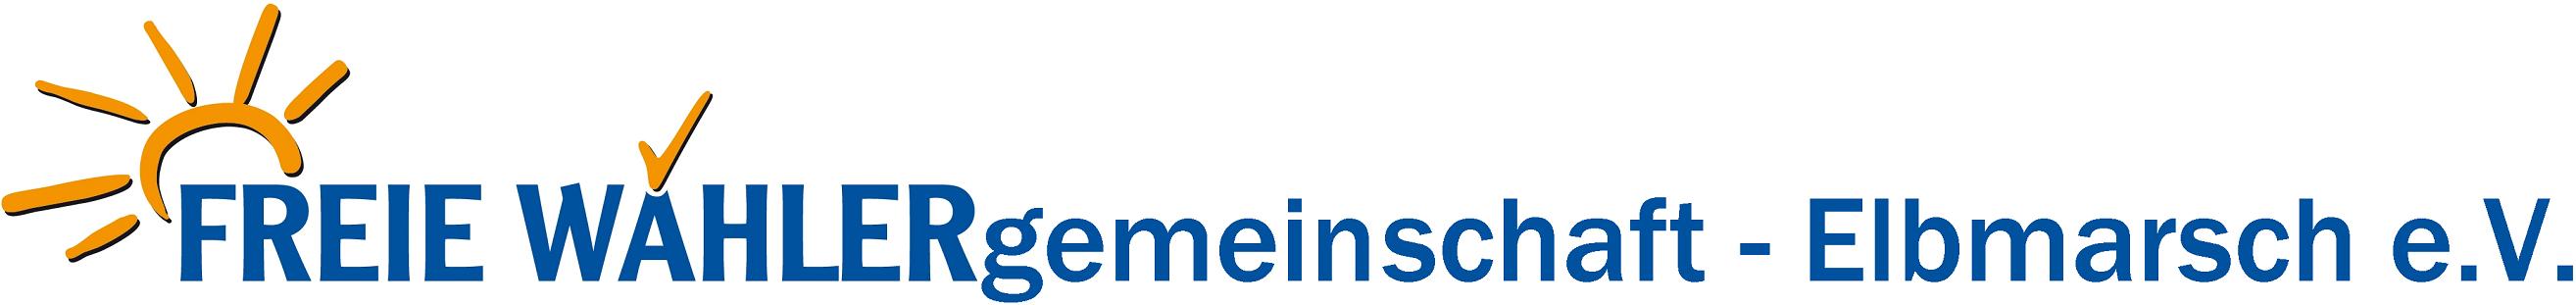 FREIE WÄHLERgemeinschaft – Elbmarsch e.V.